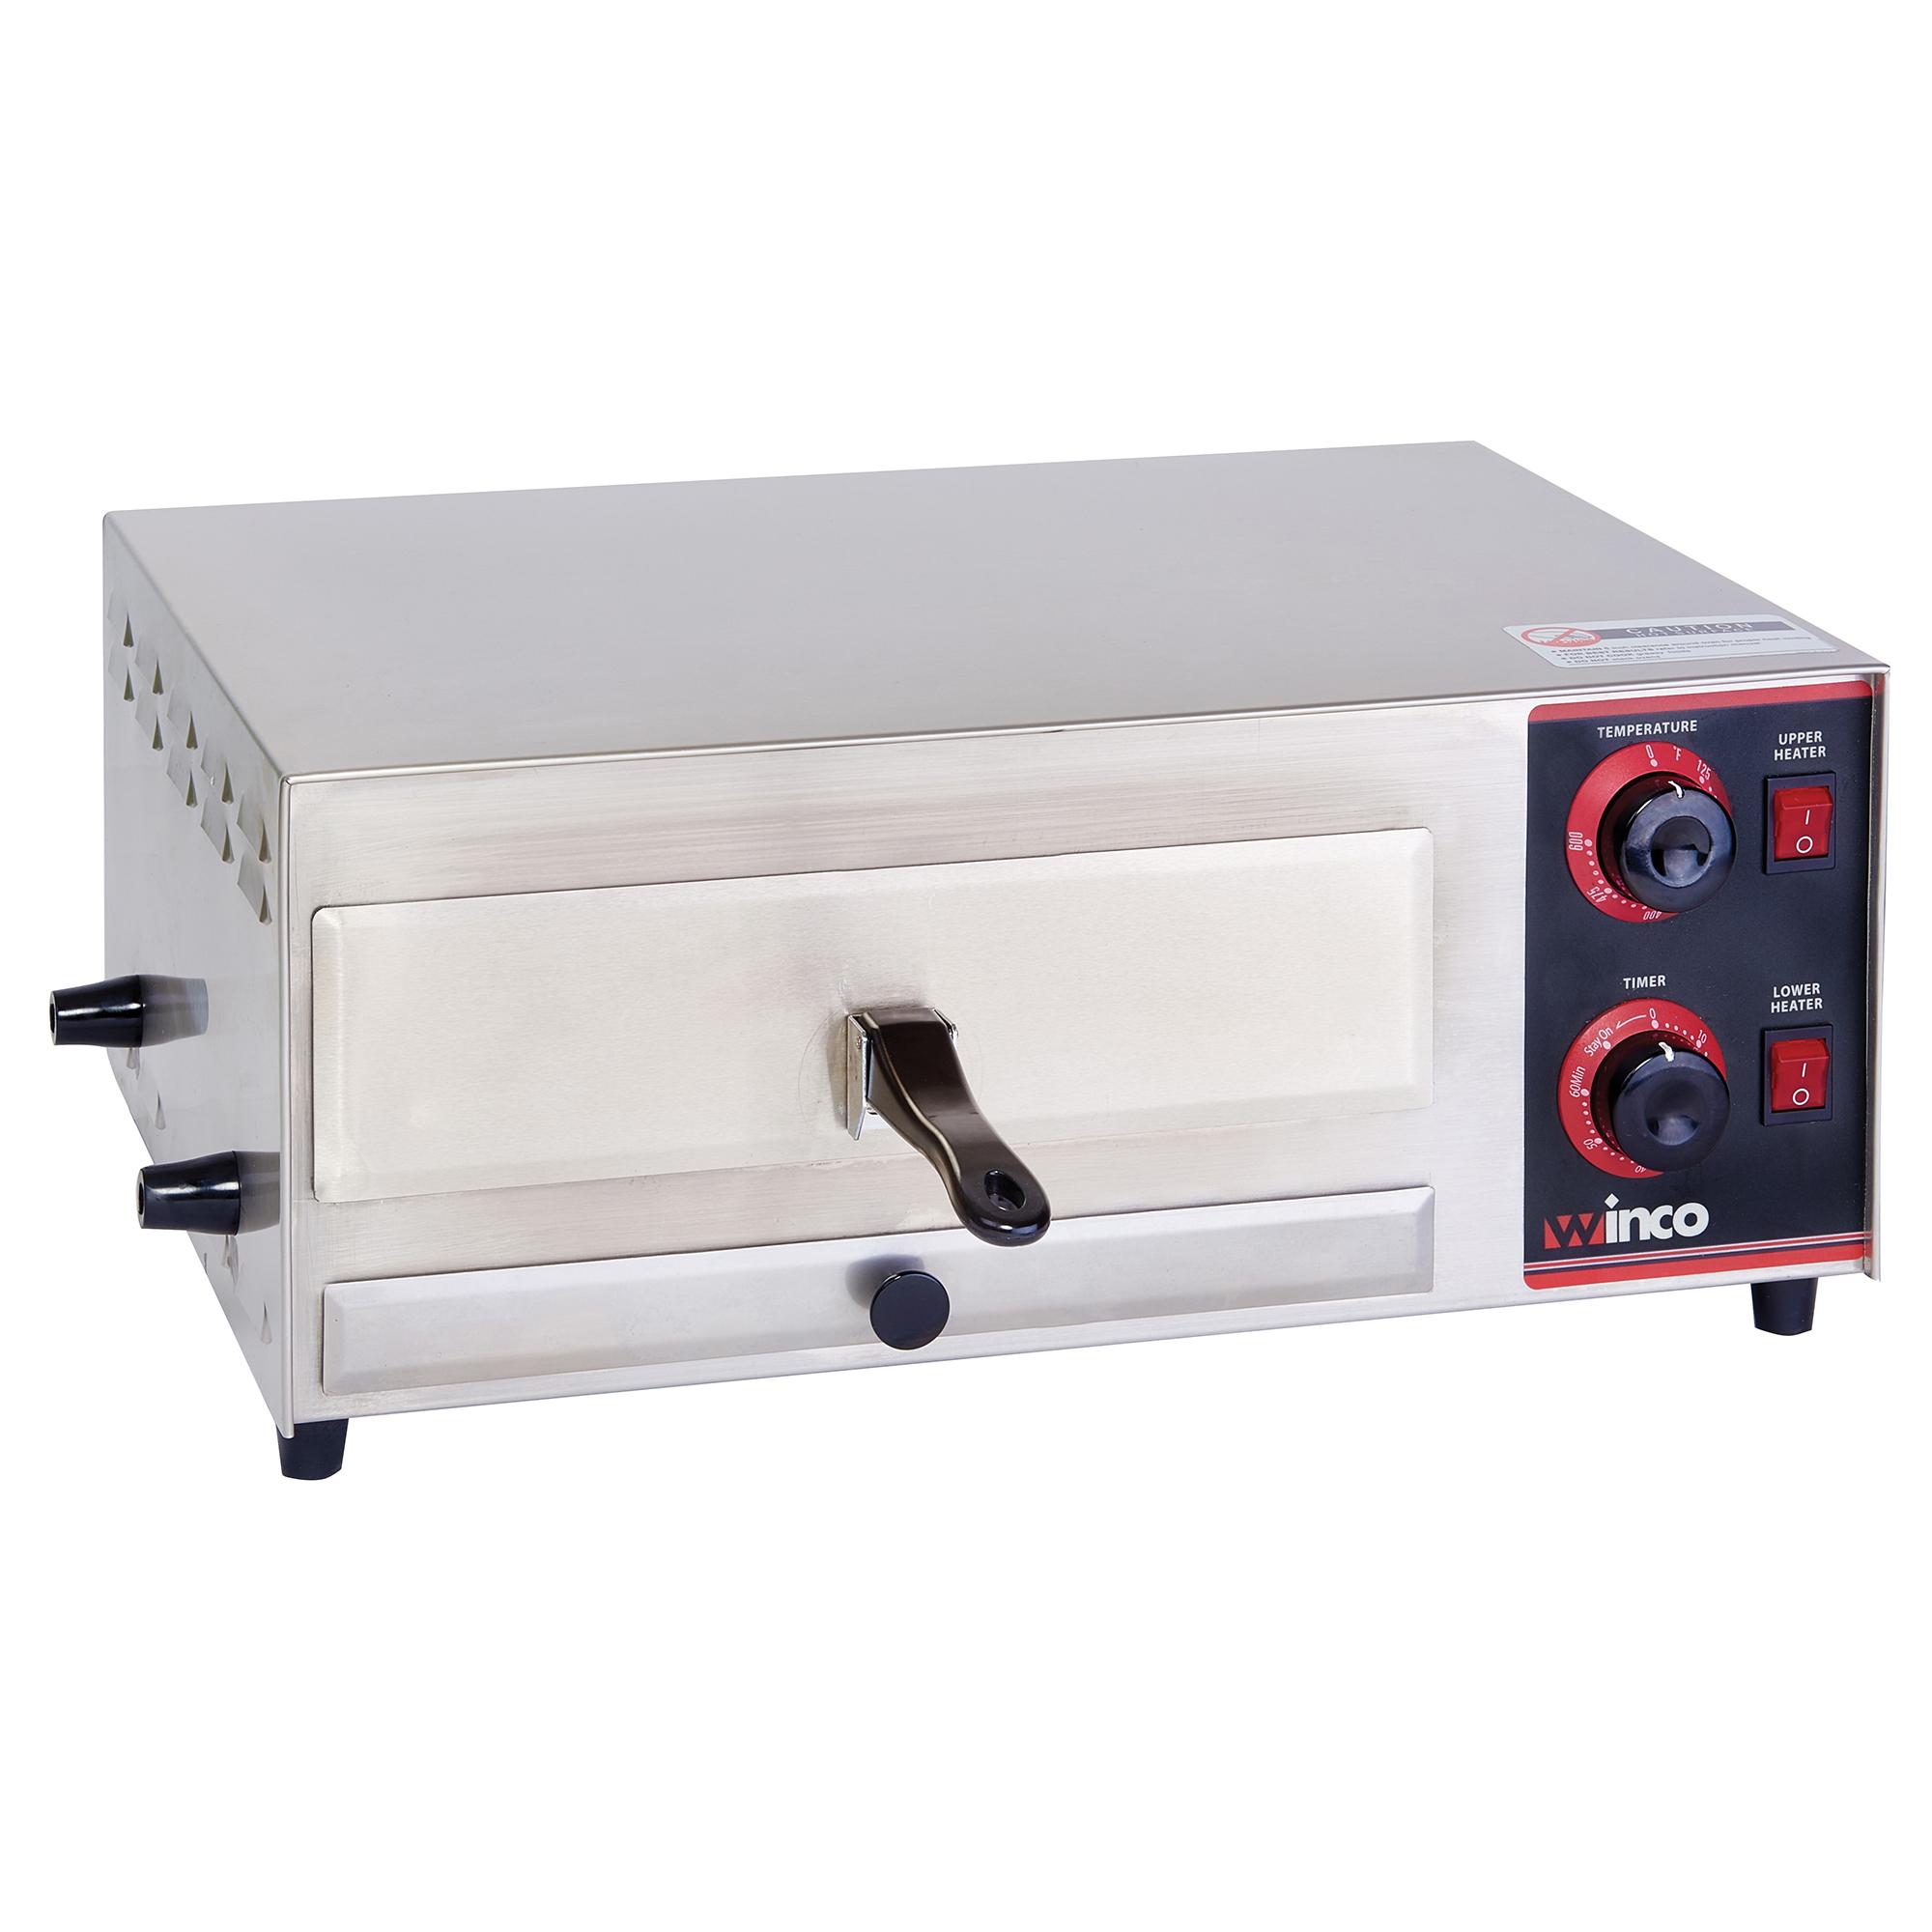 Winco EPO-1 pizza bake oven, countertop, electric